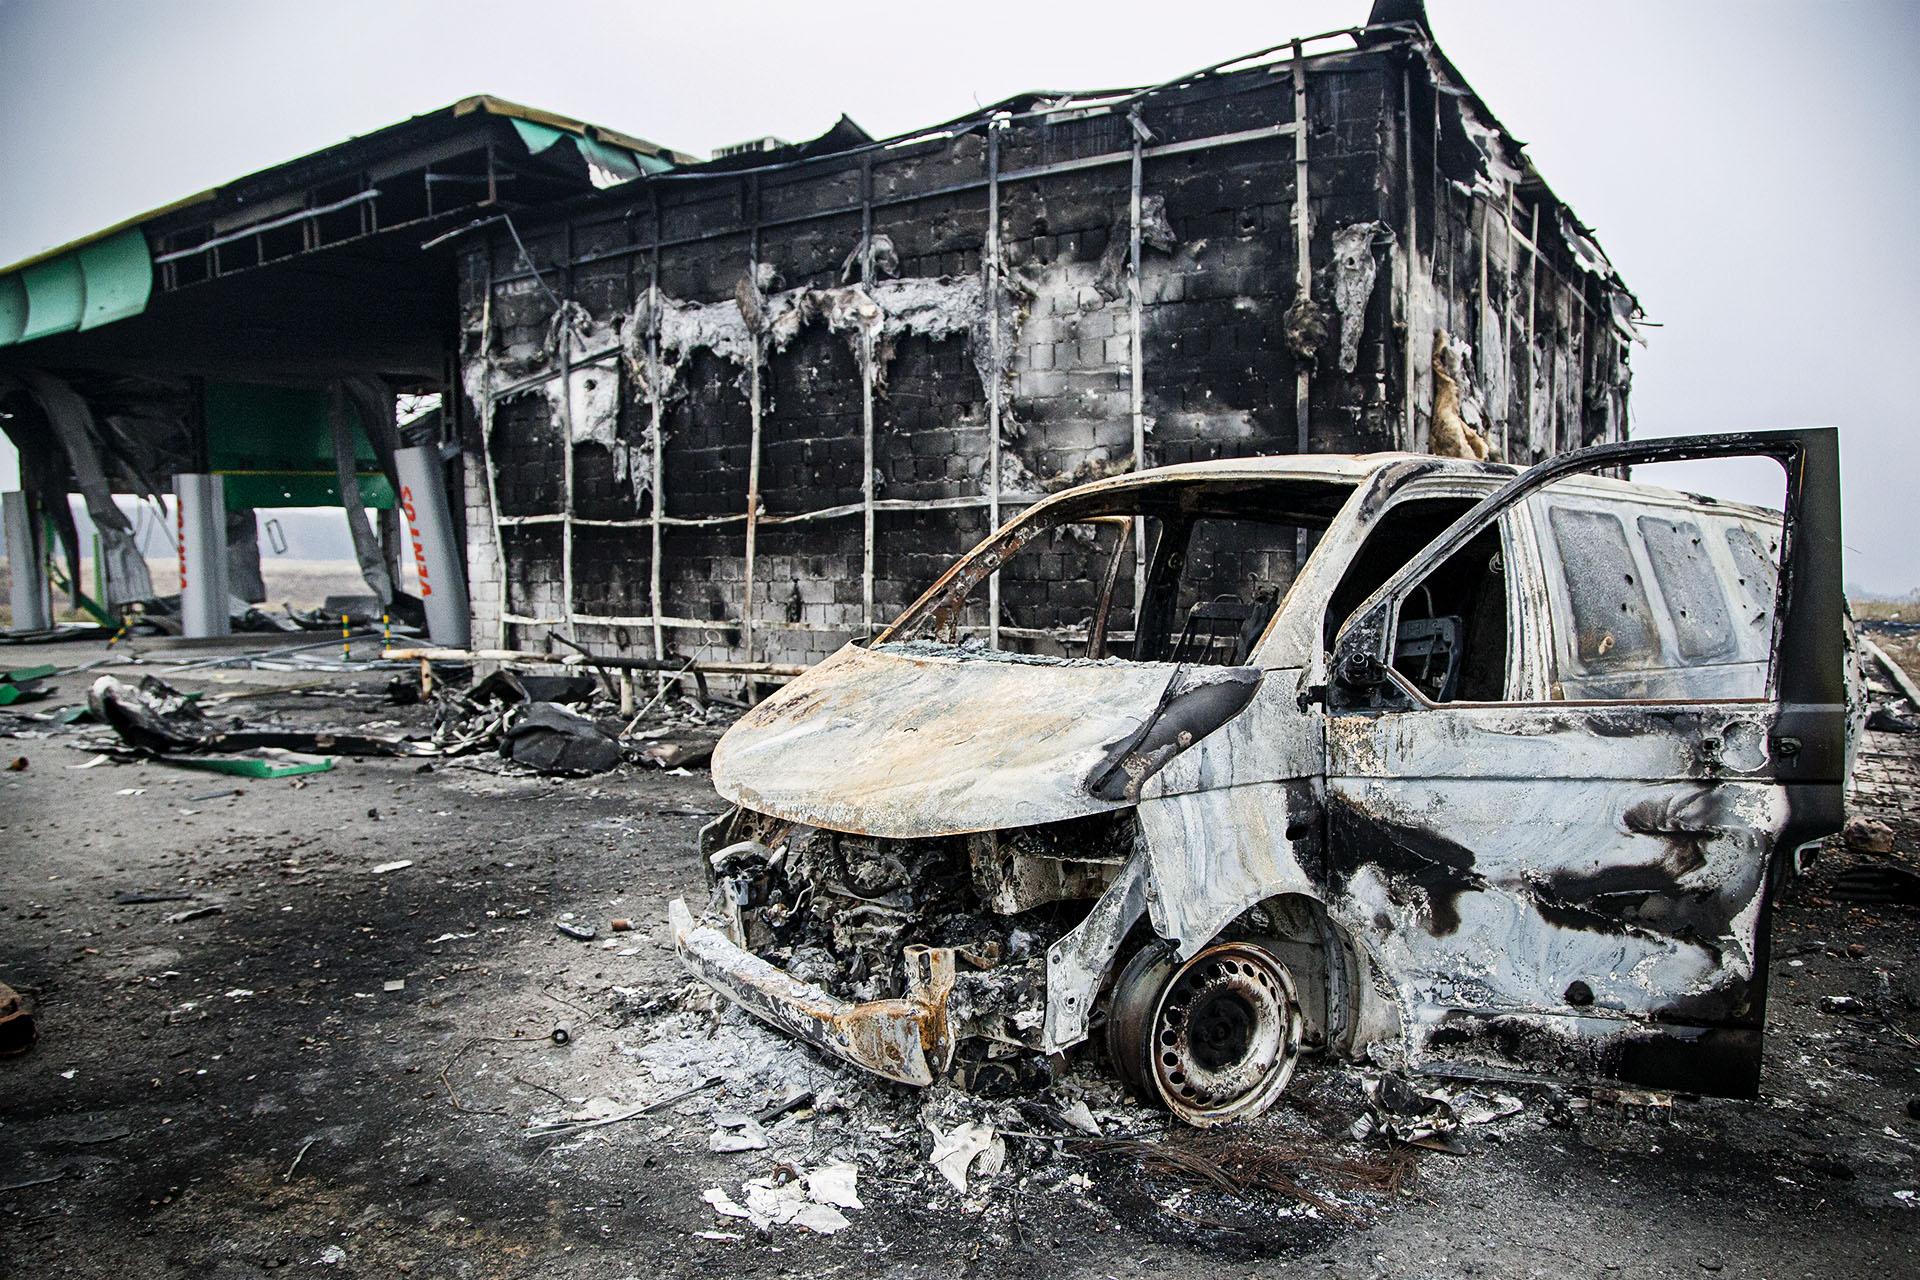 Una gasolinera próxima a Donetsk, destruída por los enfrentamientos